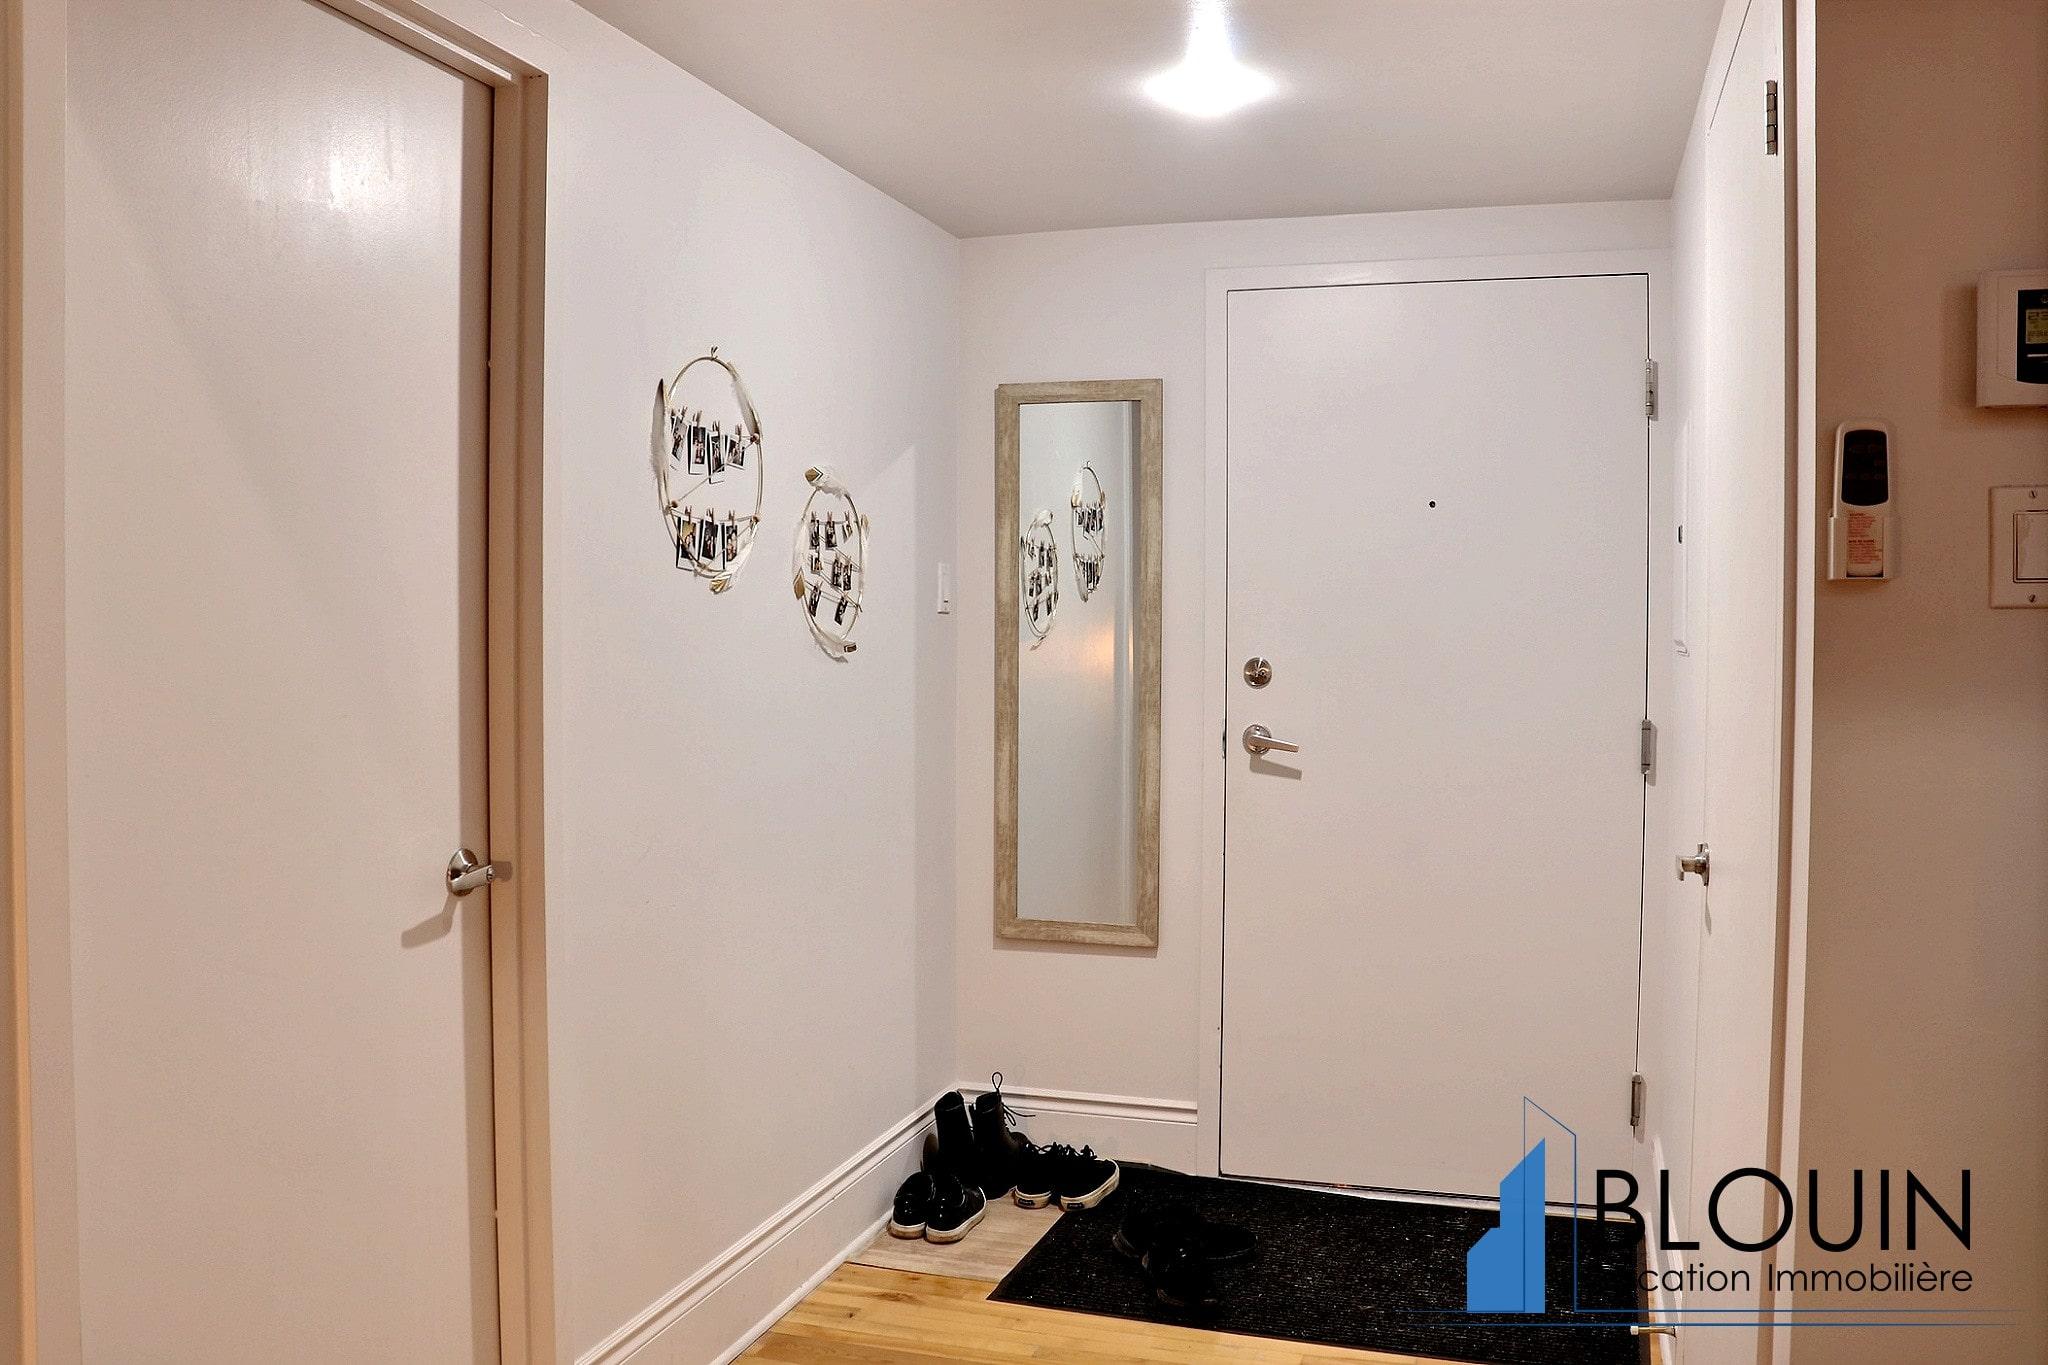 Photo 14 : Magnifique 3 ½ sur 2 étages, à St-Roch, libre pour Novembre, Semi-meublée